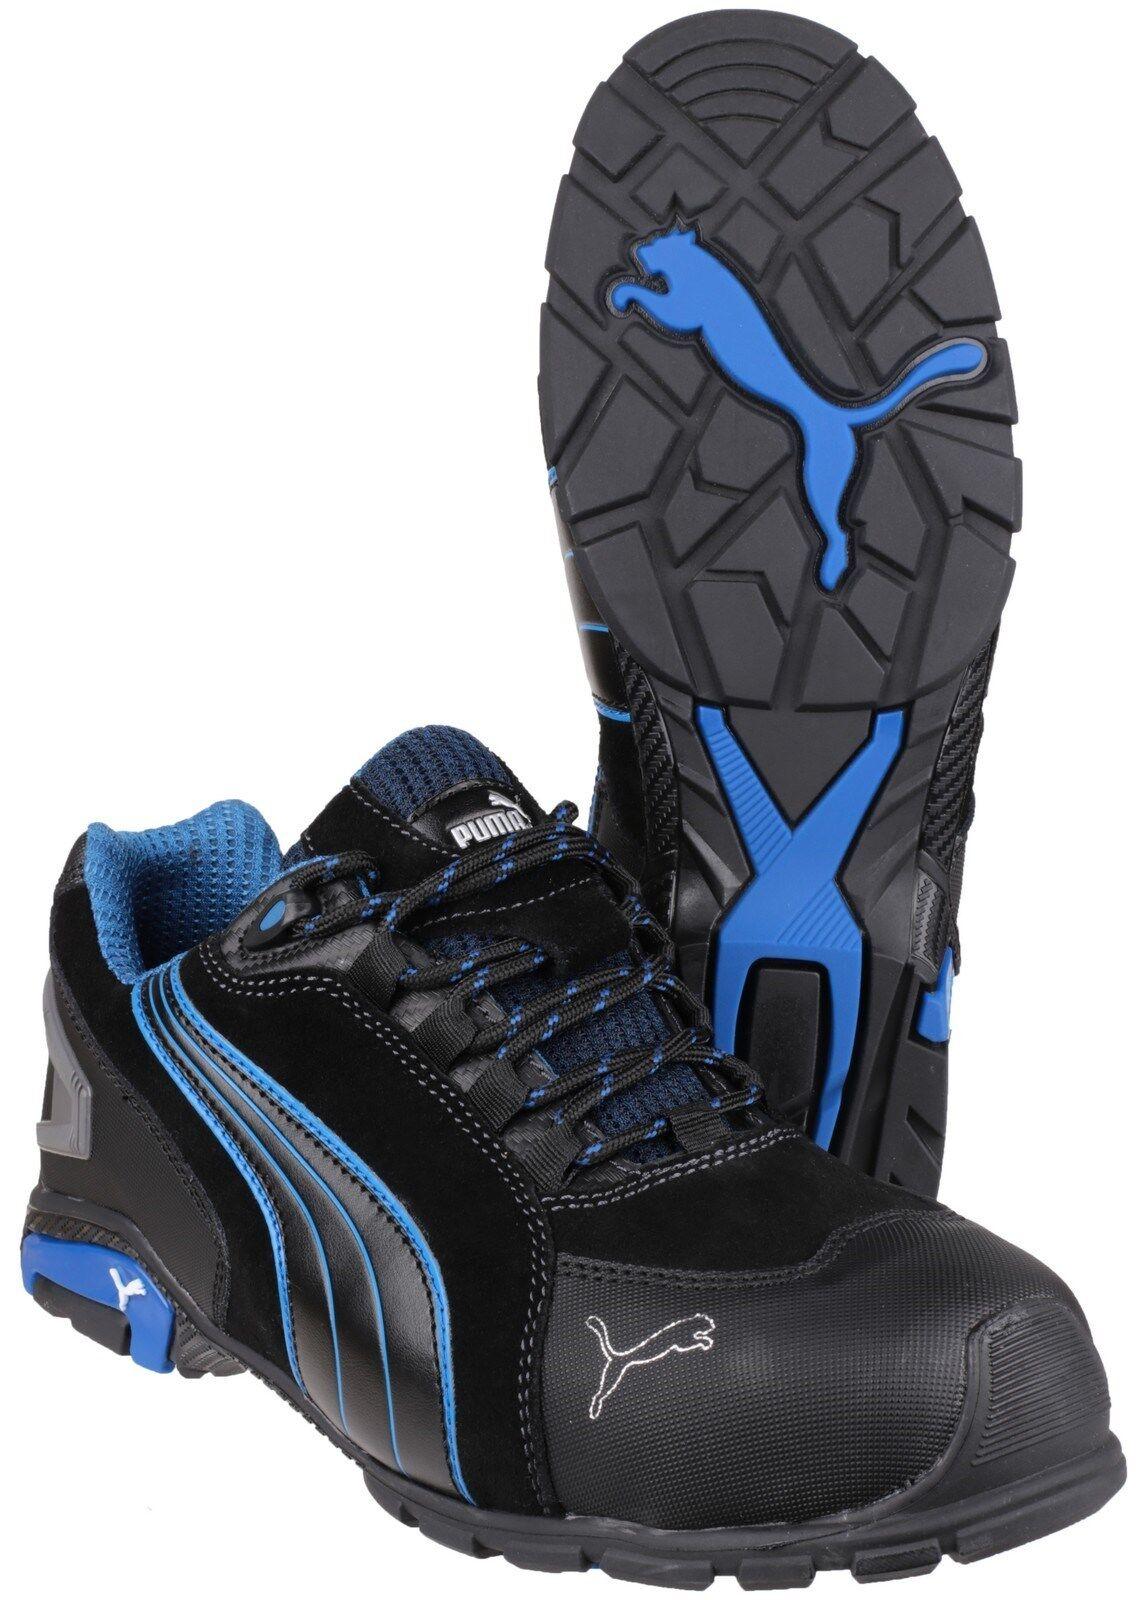 Details about Puma Rio Low Mens S3 SRC Safety Midsole & Toe Cap Trainers Shoes Boots UK6 12